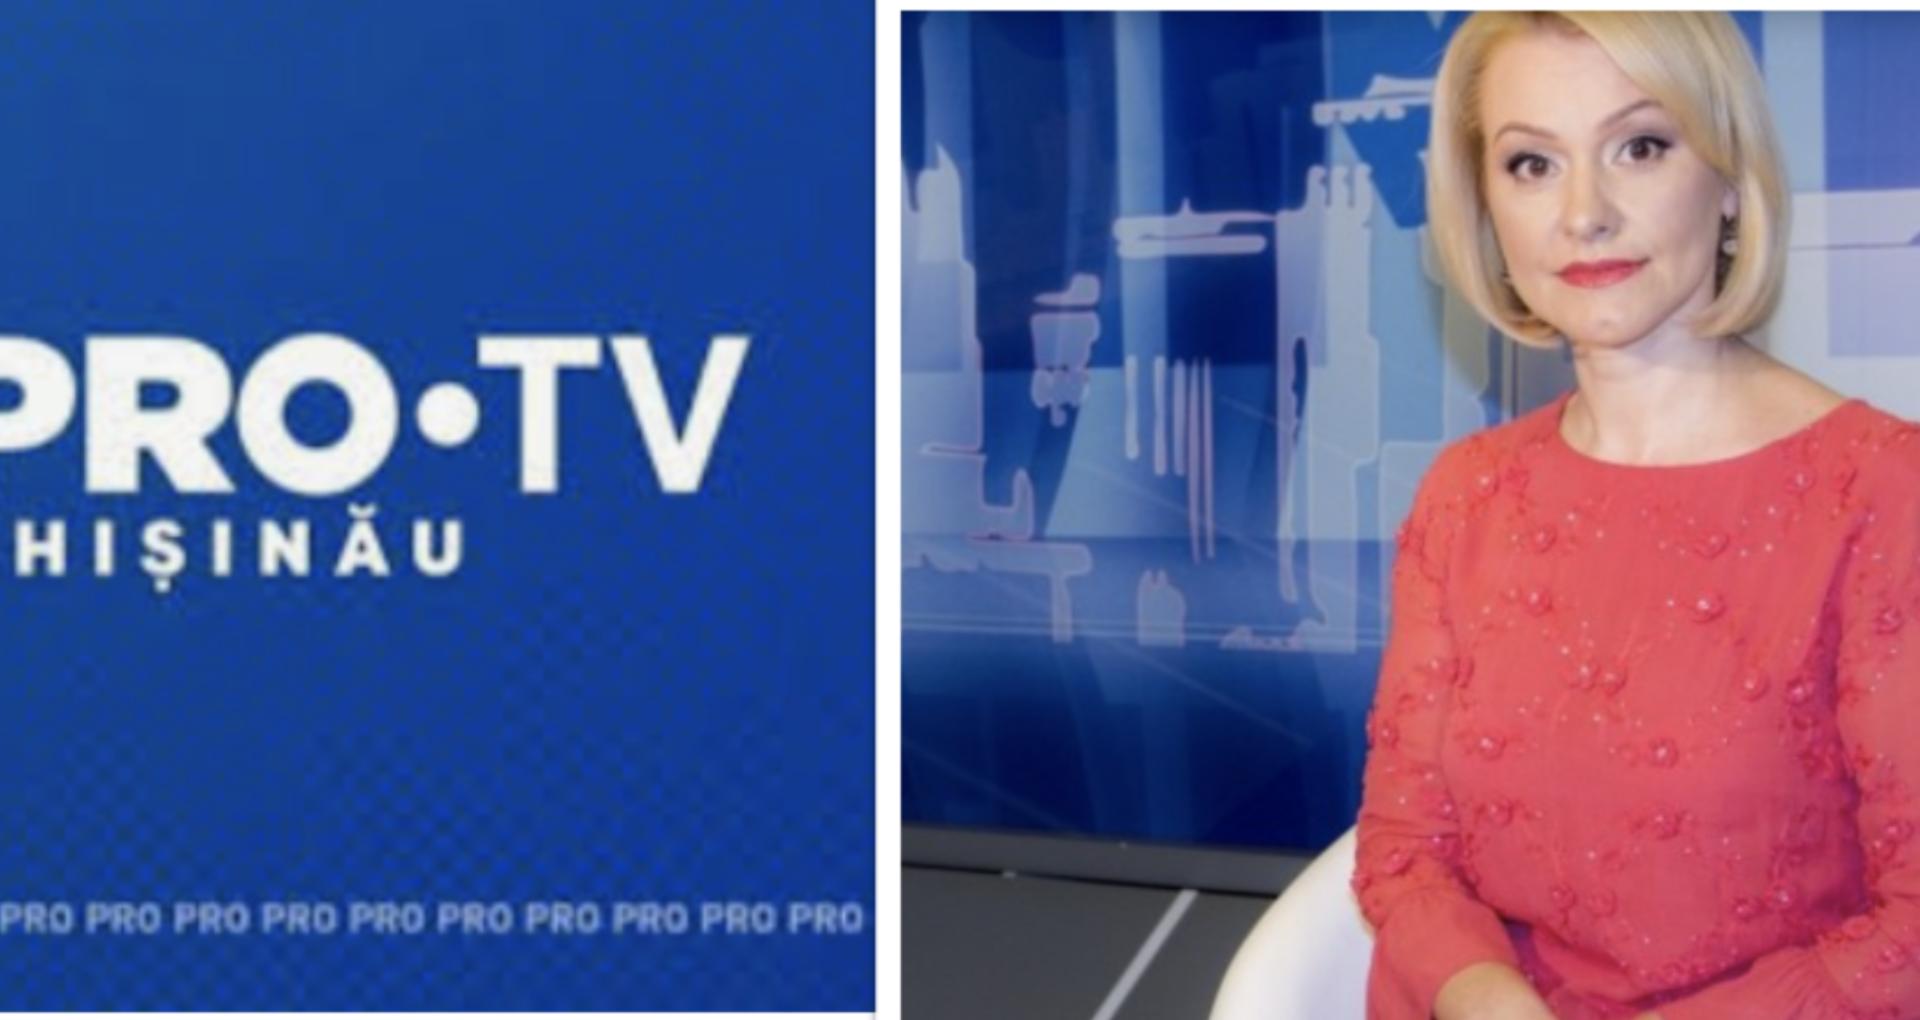 Socialiștii au dat în judecată postul PRO TV Chișinău și pe jurnalista Lorena Bogza. PRO TV consideră că este o încercare de intimidare înaintea alegerilor prezidenţiale